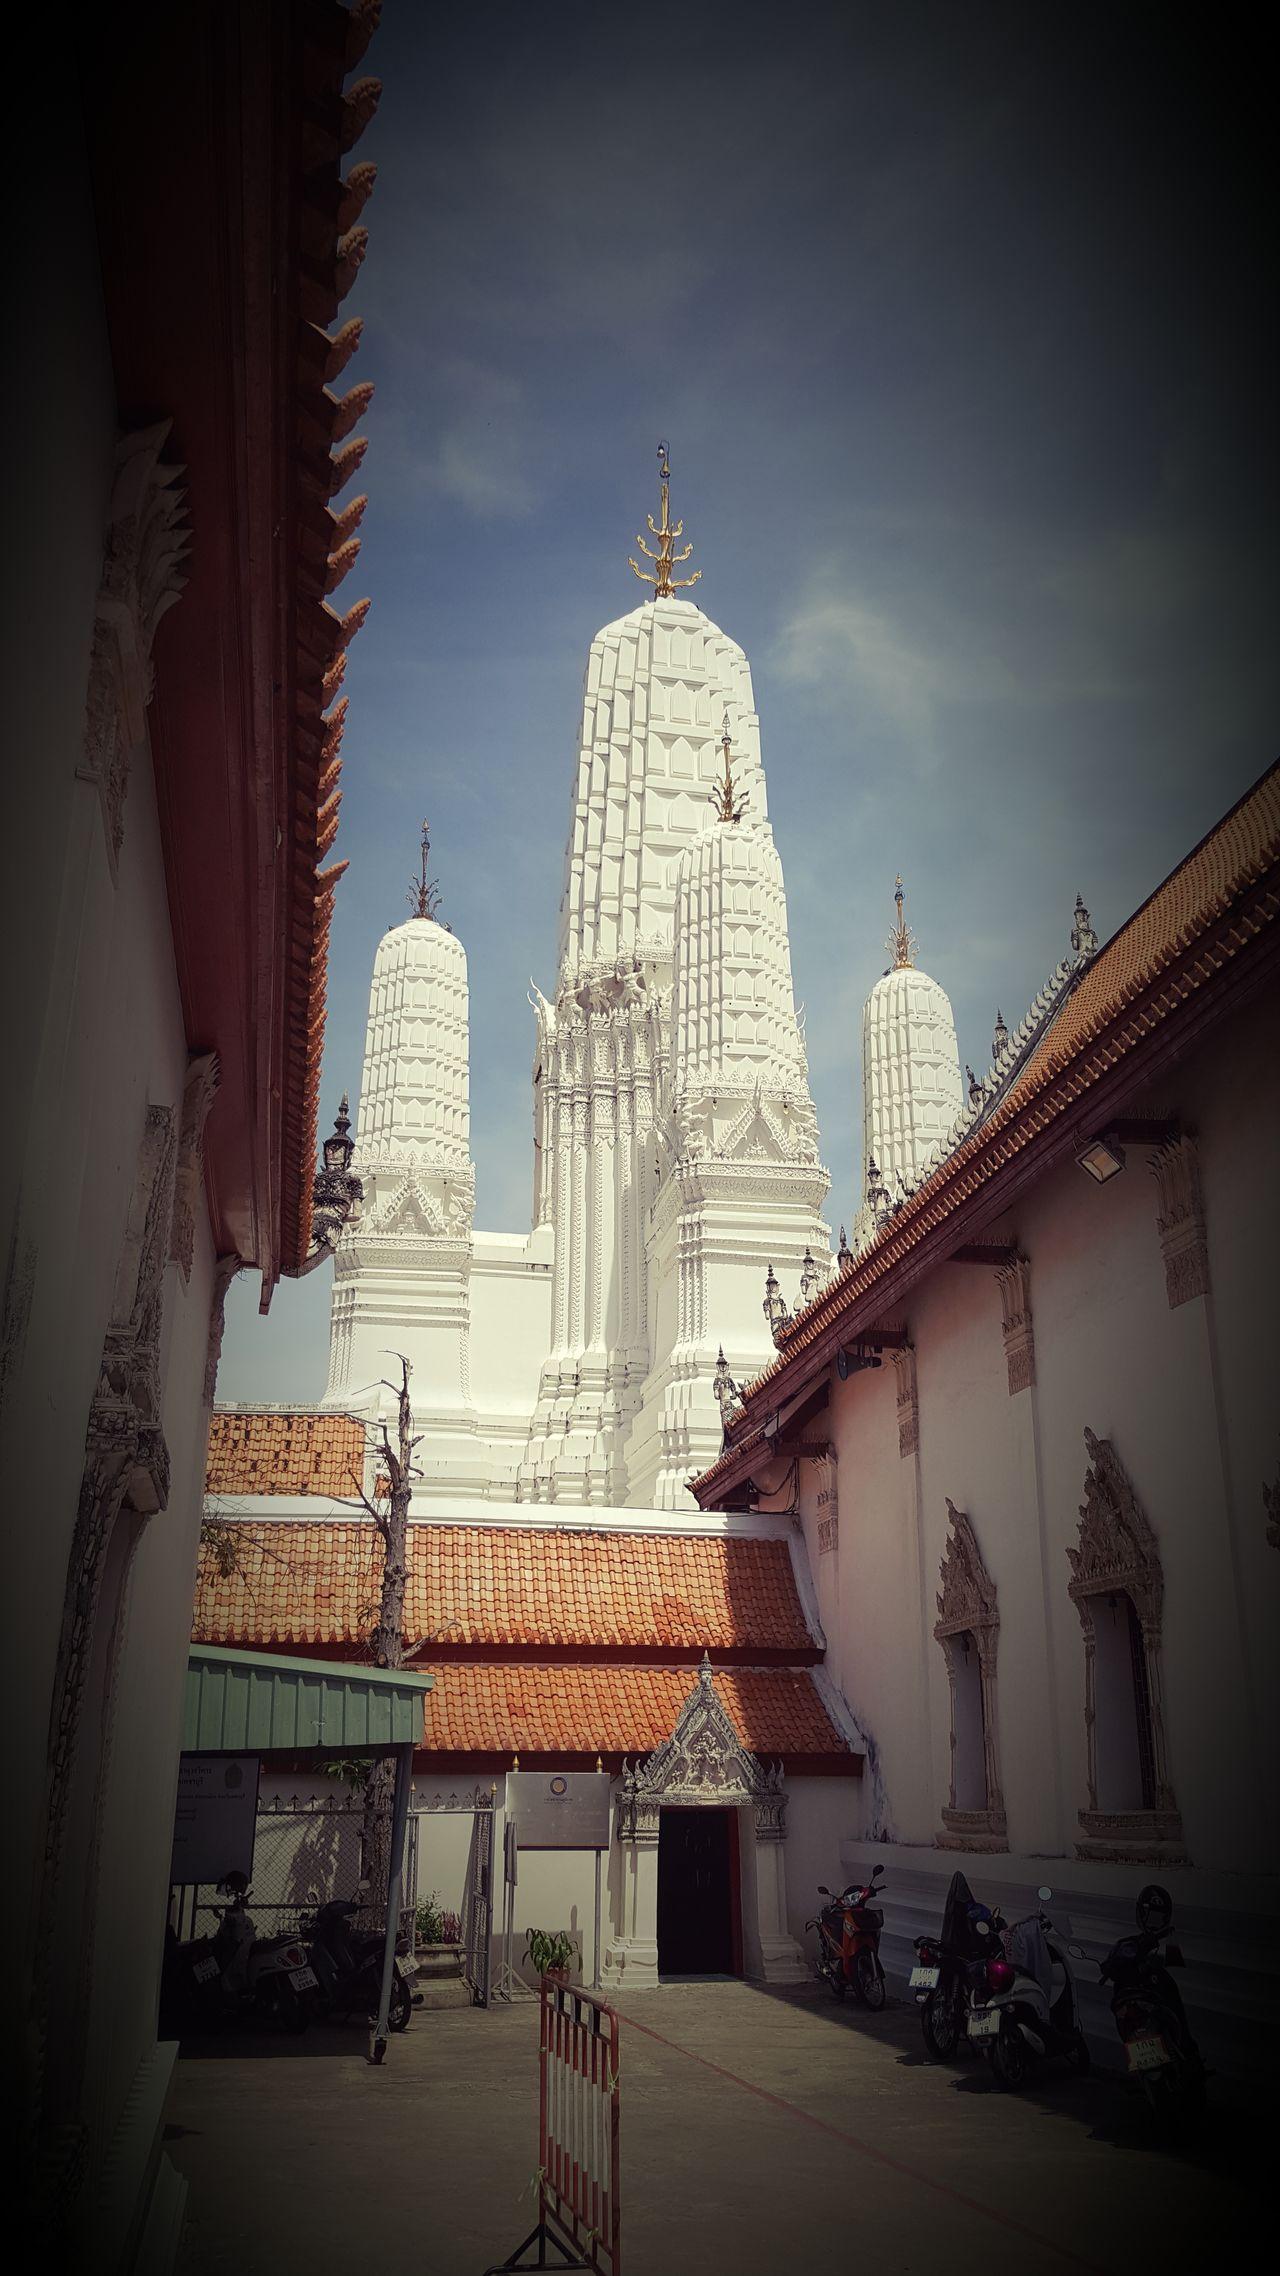 วัดมหาธาตุวรวิหาร เพชรบุรี Architecture Temple - Building